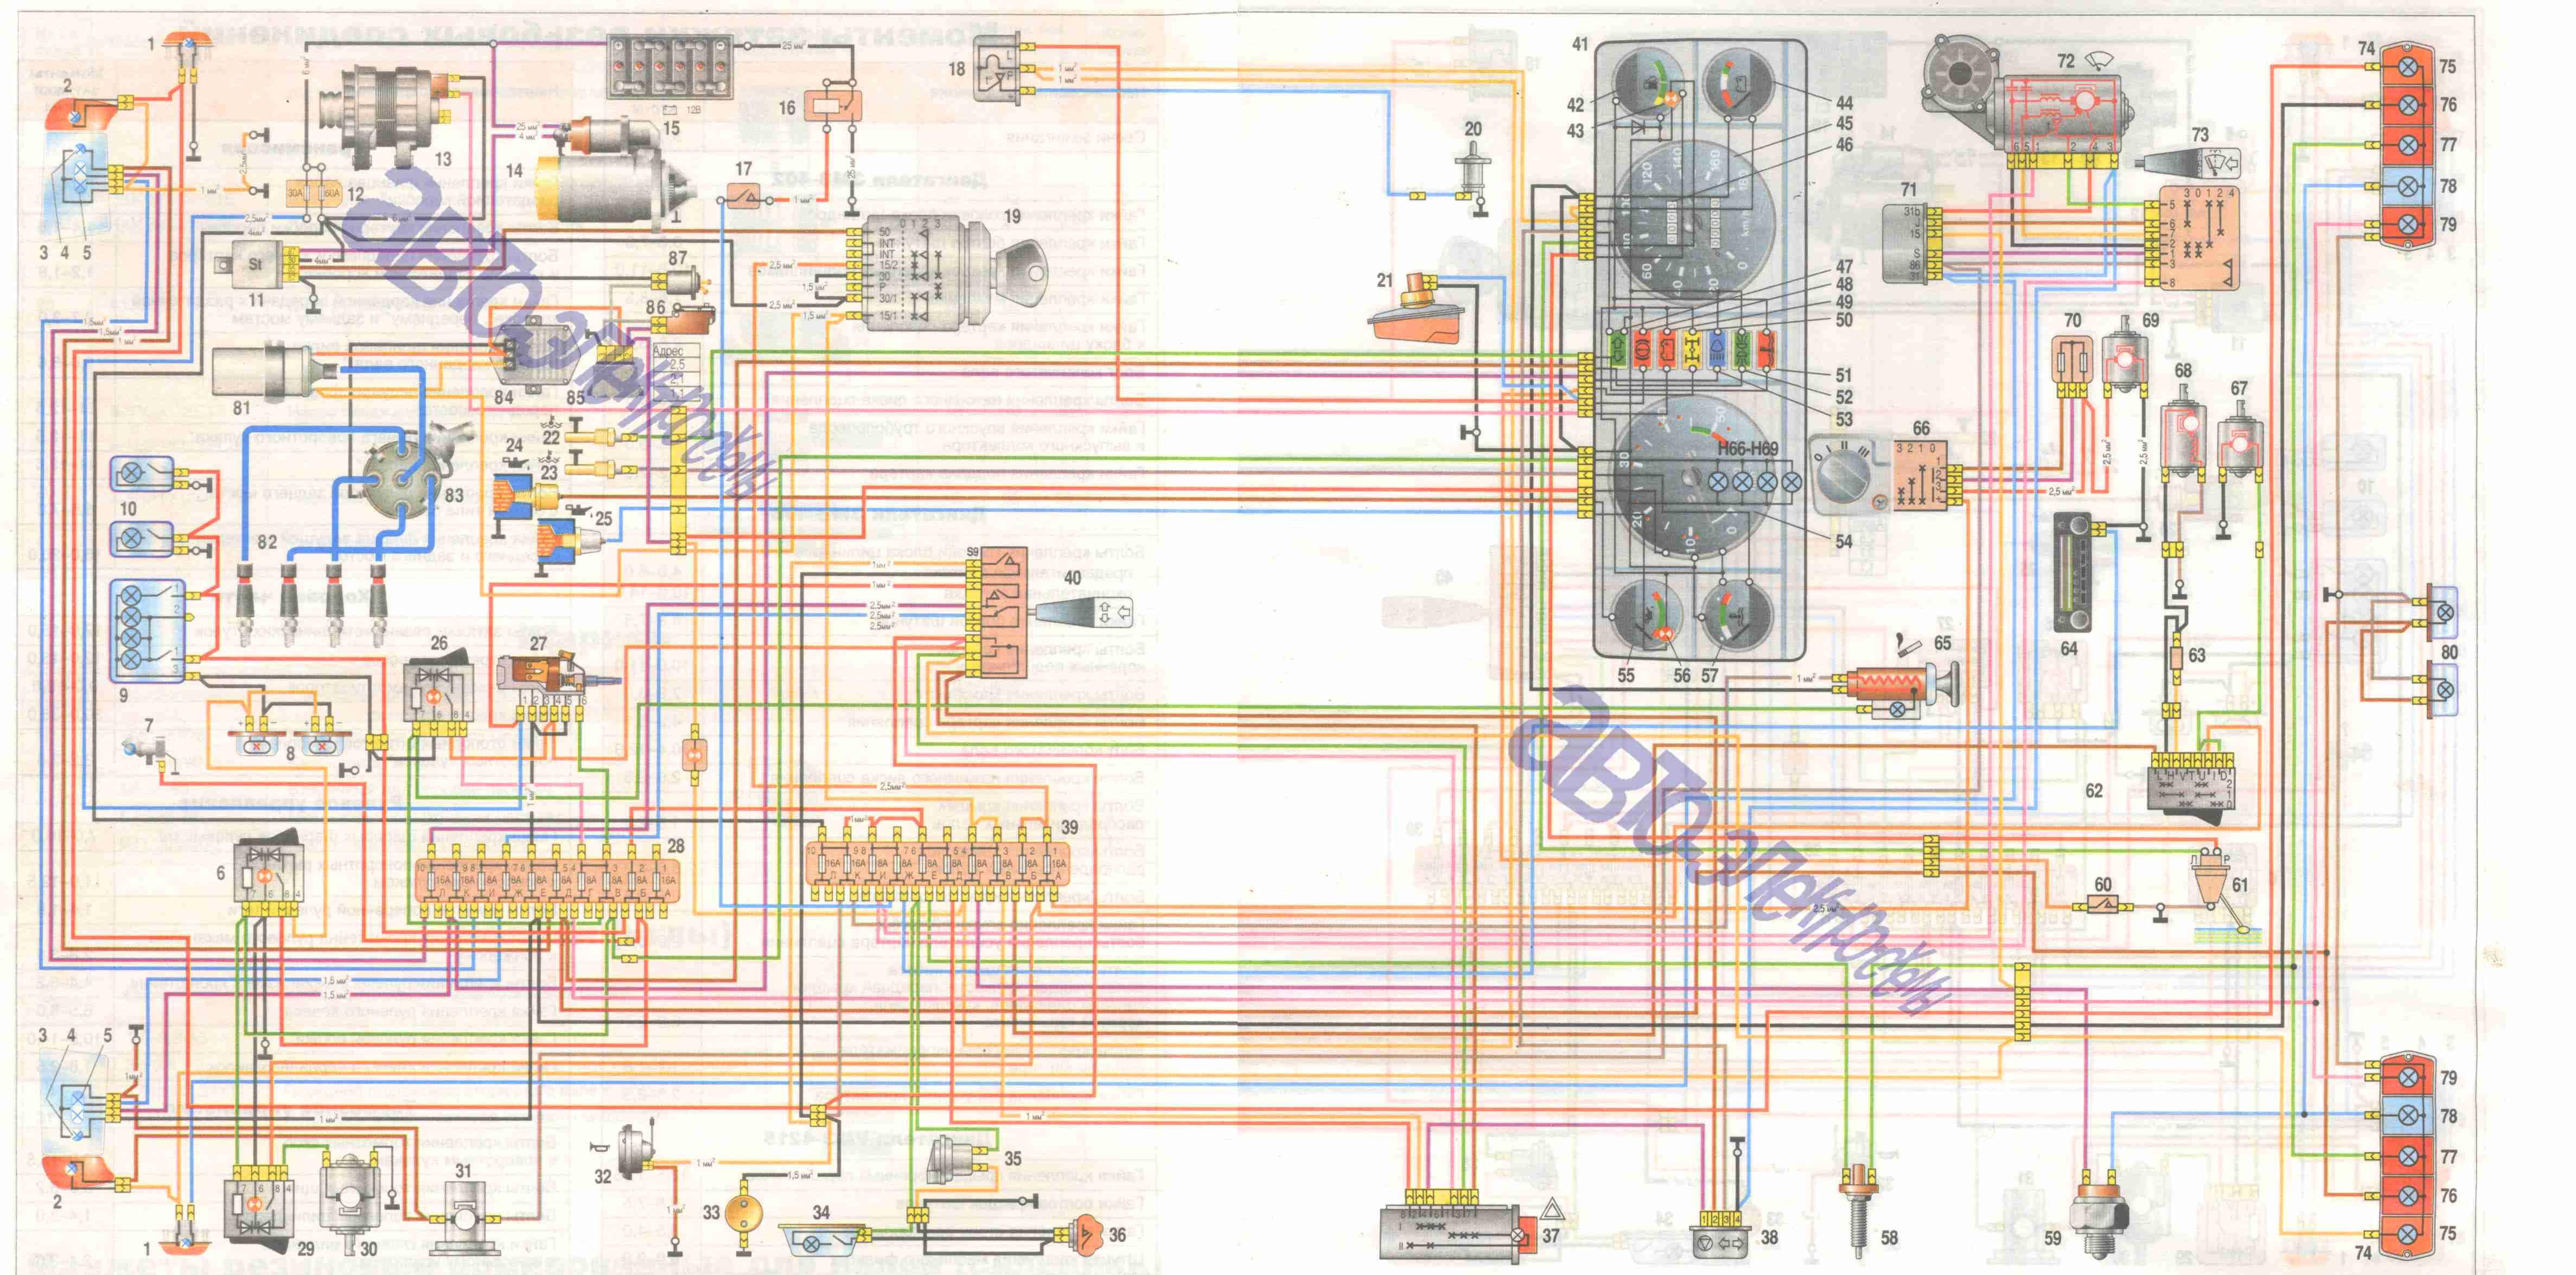 Схема электрооборудования ГАЗ-3302, -2705 с двигателями ЗМЗ-402, УМЗ-4215